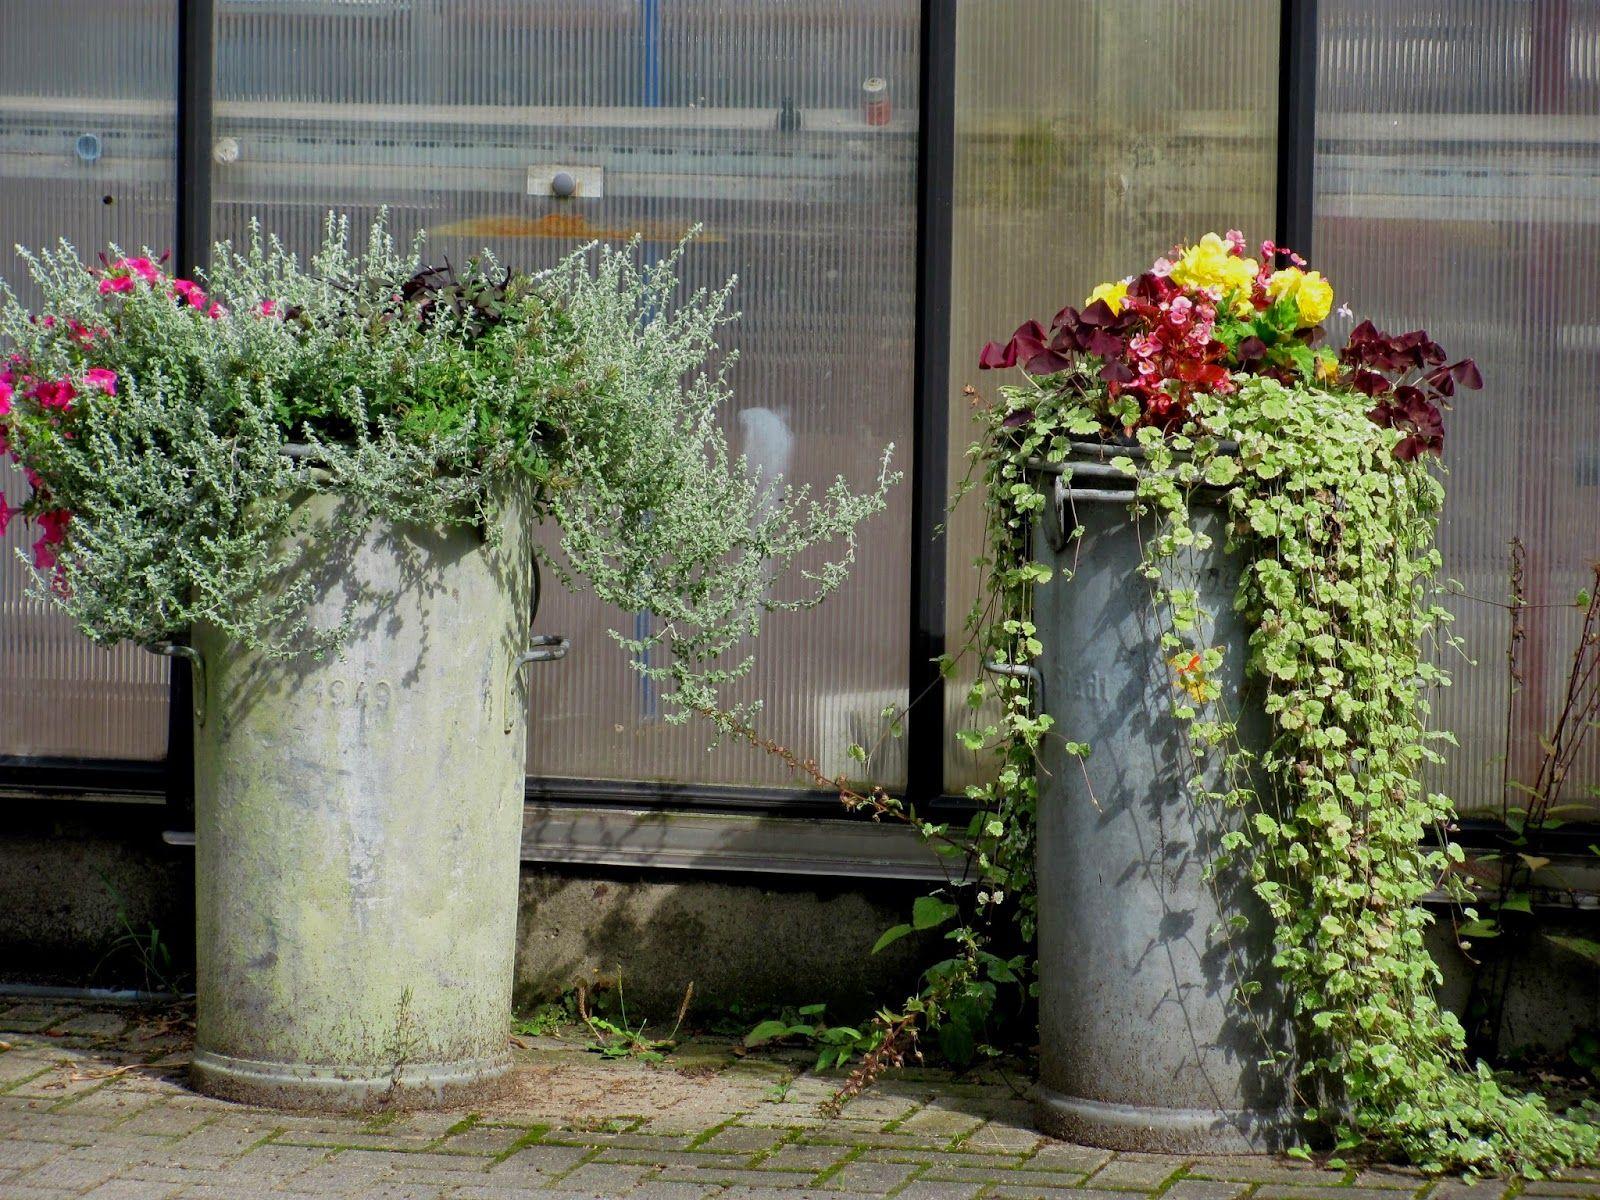 Alte milchkannen bepflanzen garten anders ungew hnlich for Blumentopf dekorieren anleitung